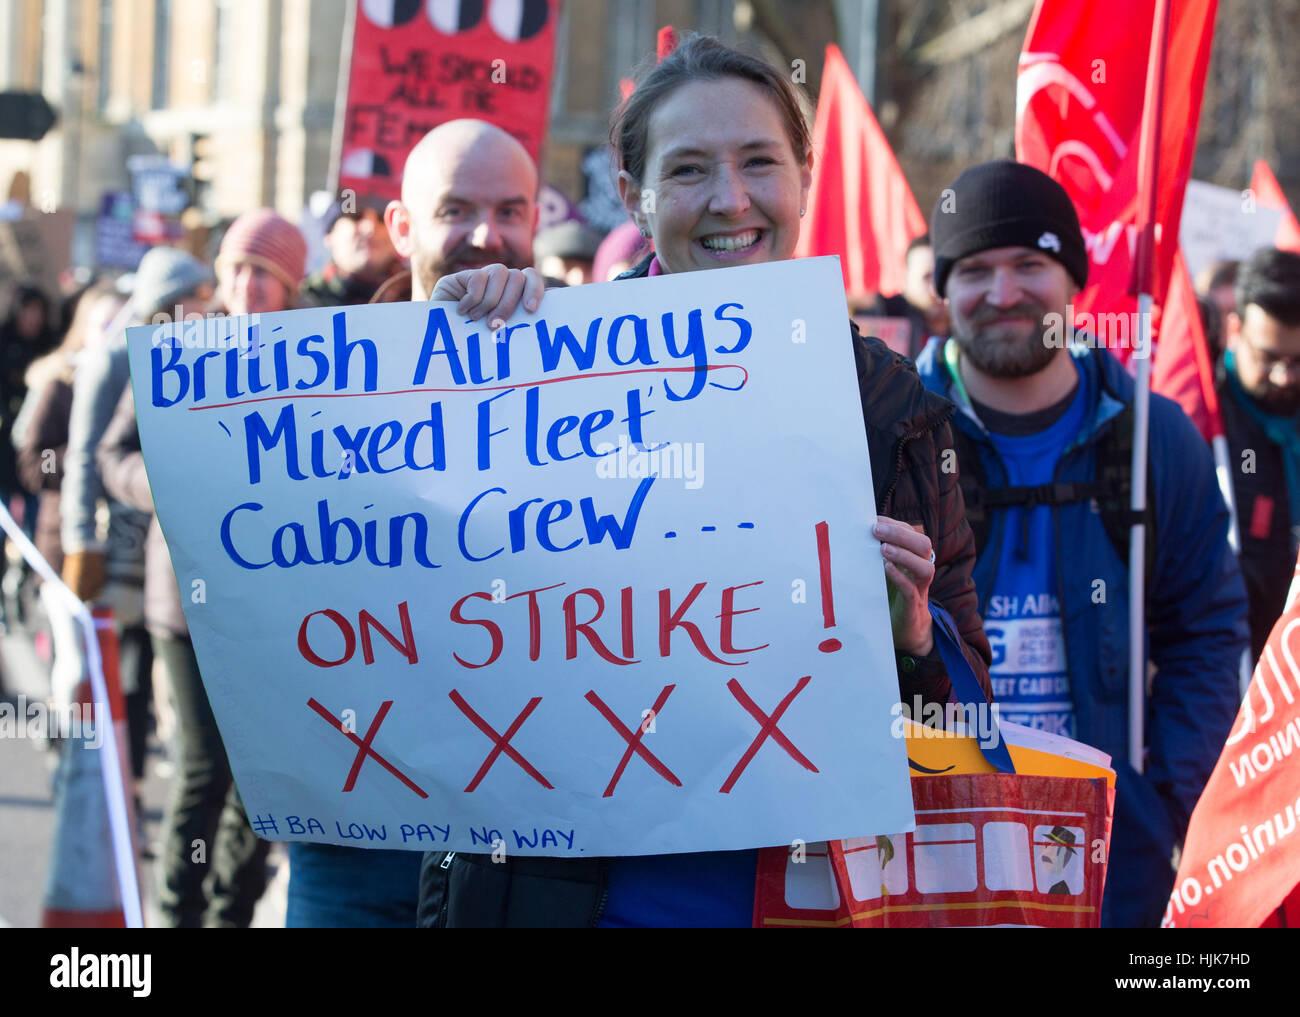 British Airways Cabin Crew Stock Photos & British Airways